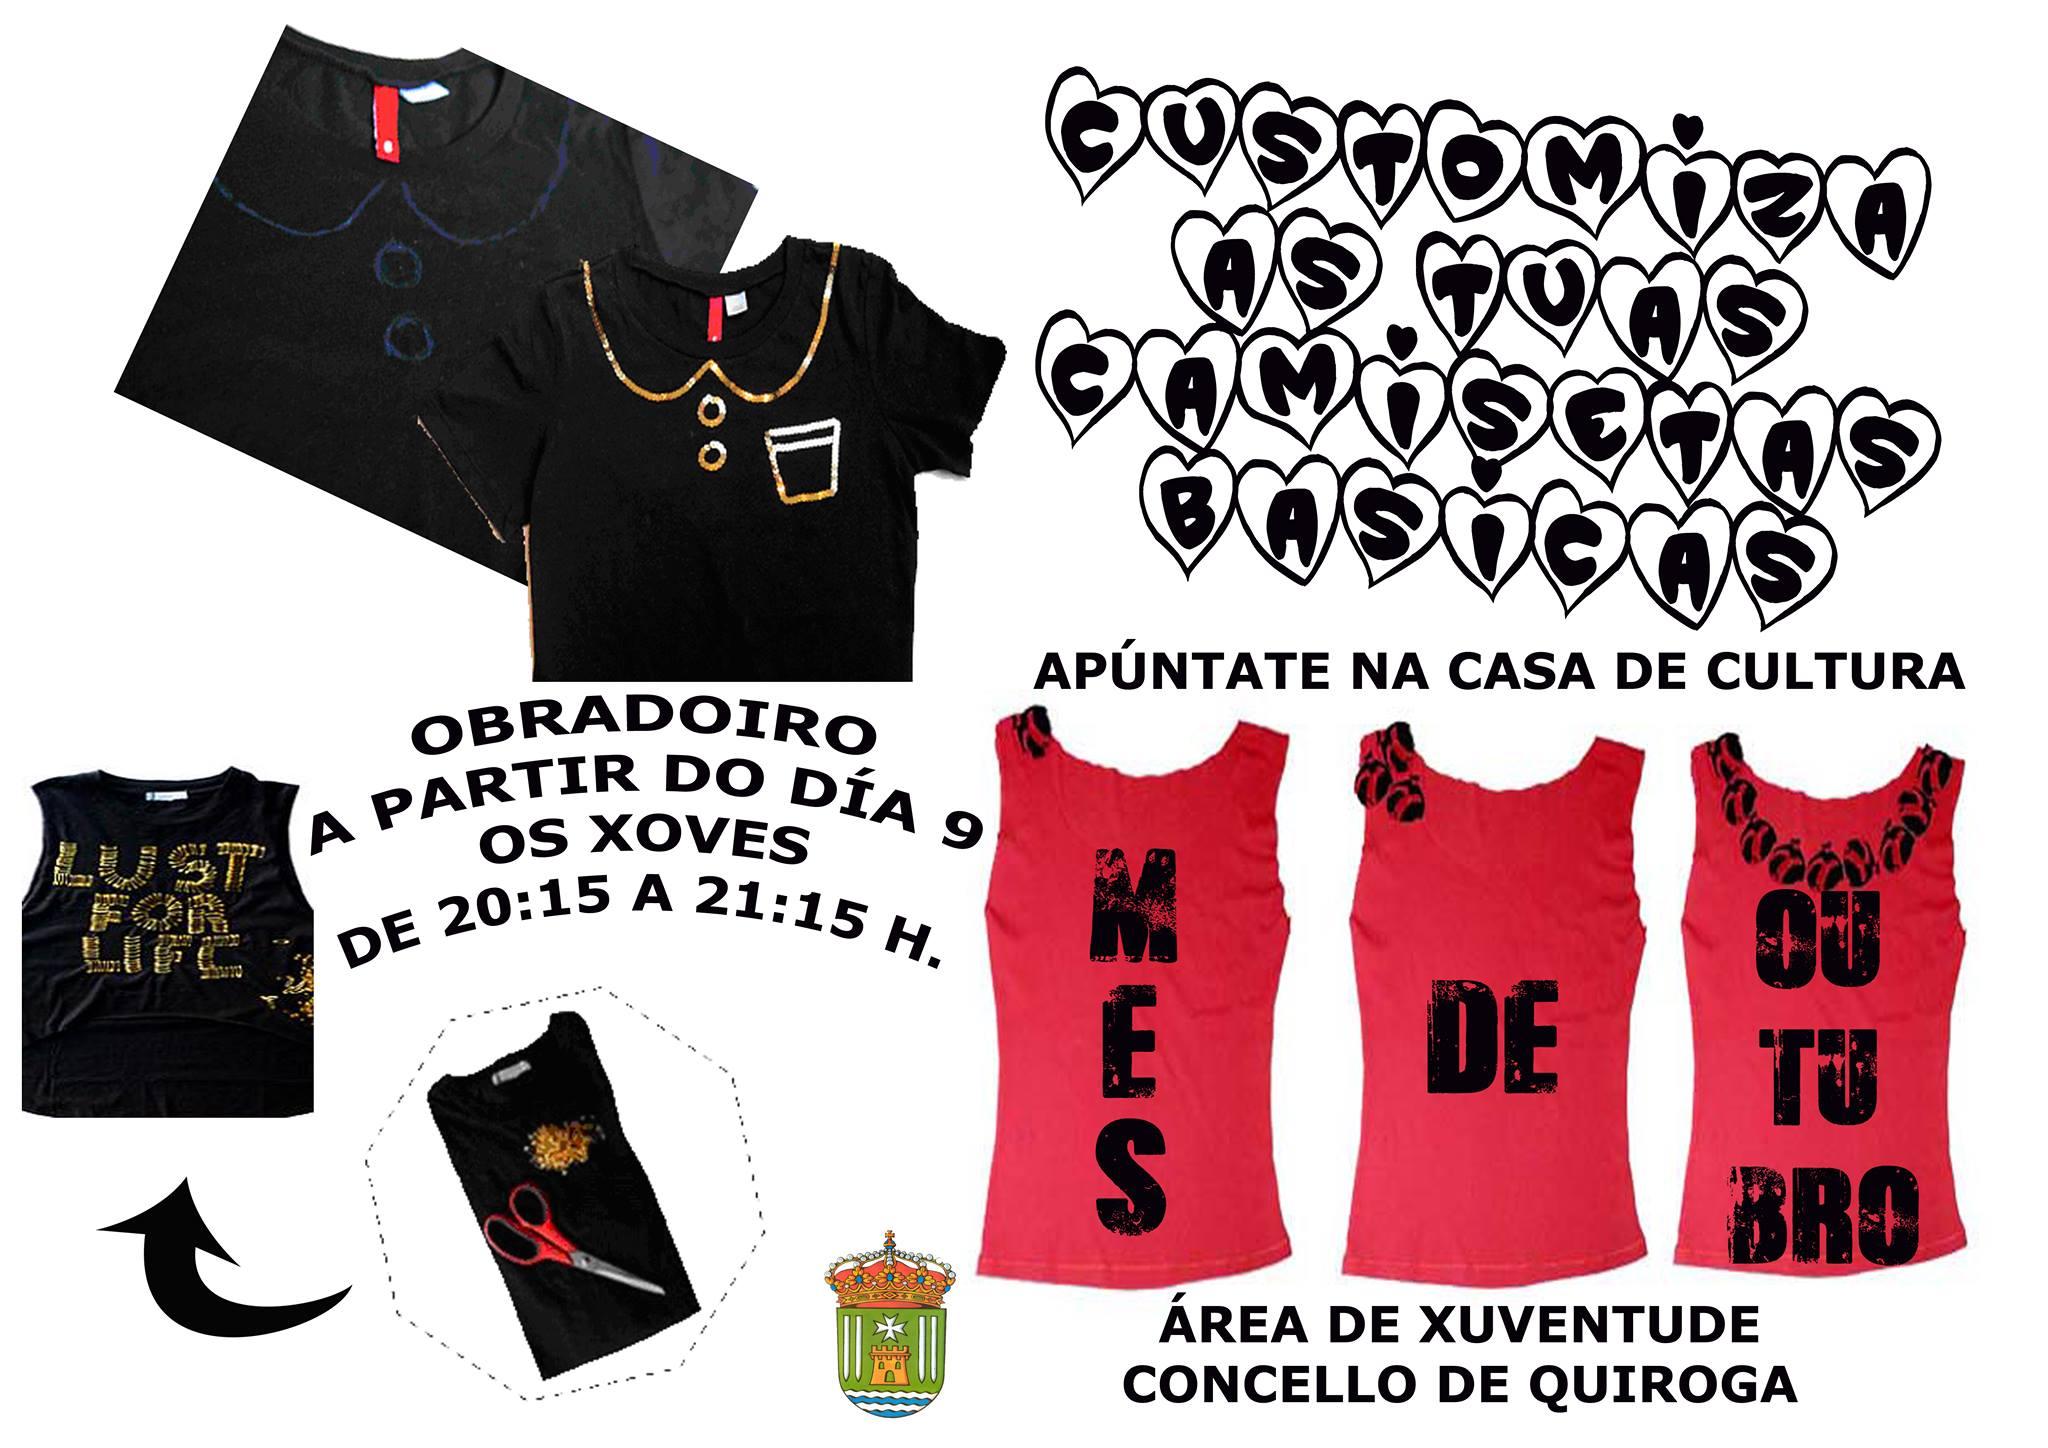 Obradoiro de customizar camisetas no Concello de Quiroga